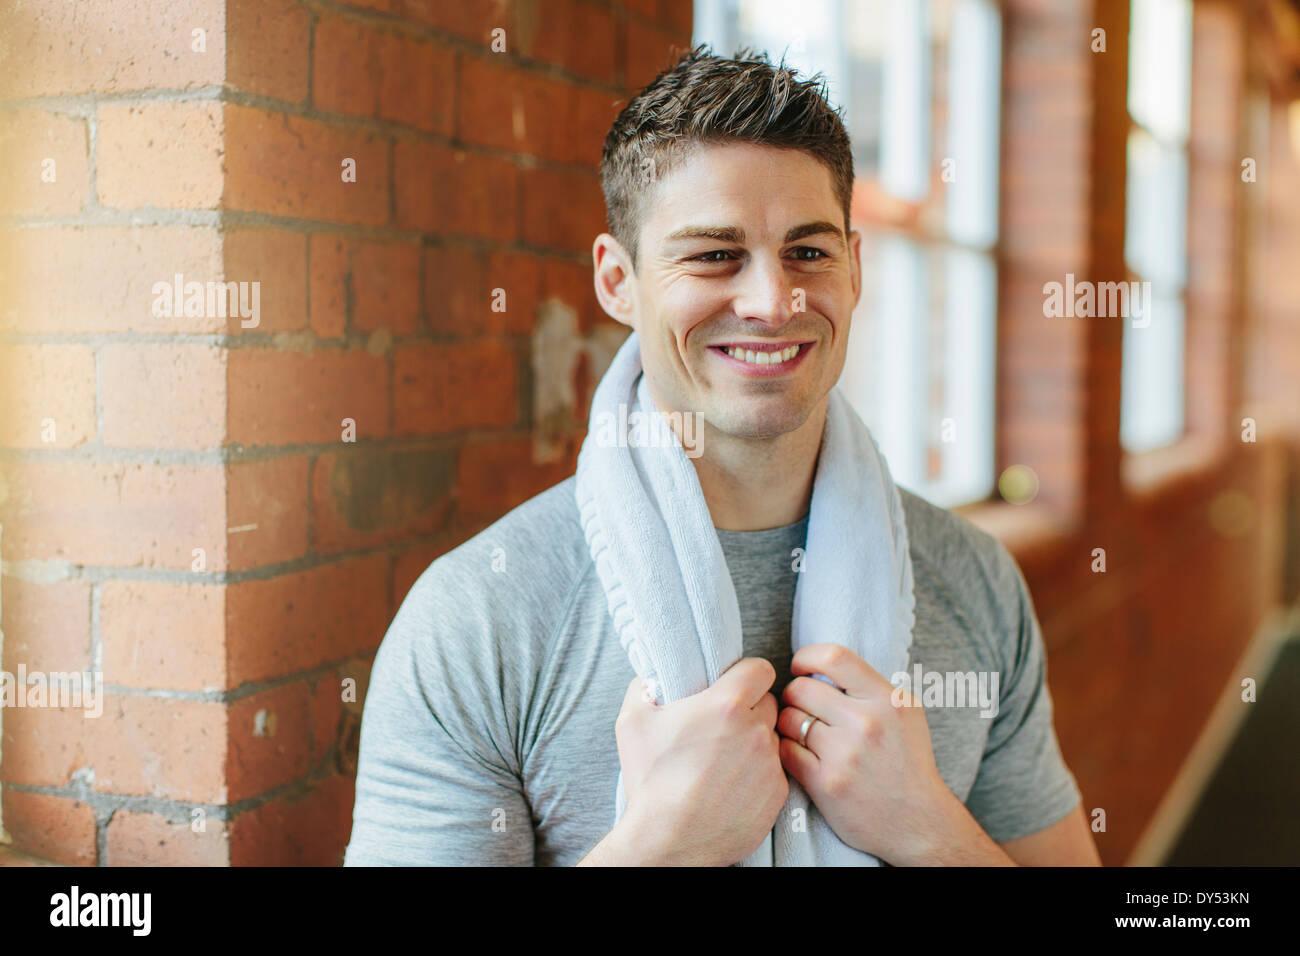 Mann im Fitness-Studio mit Handtuch um den Hals Stockbild